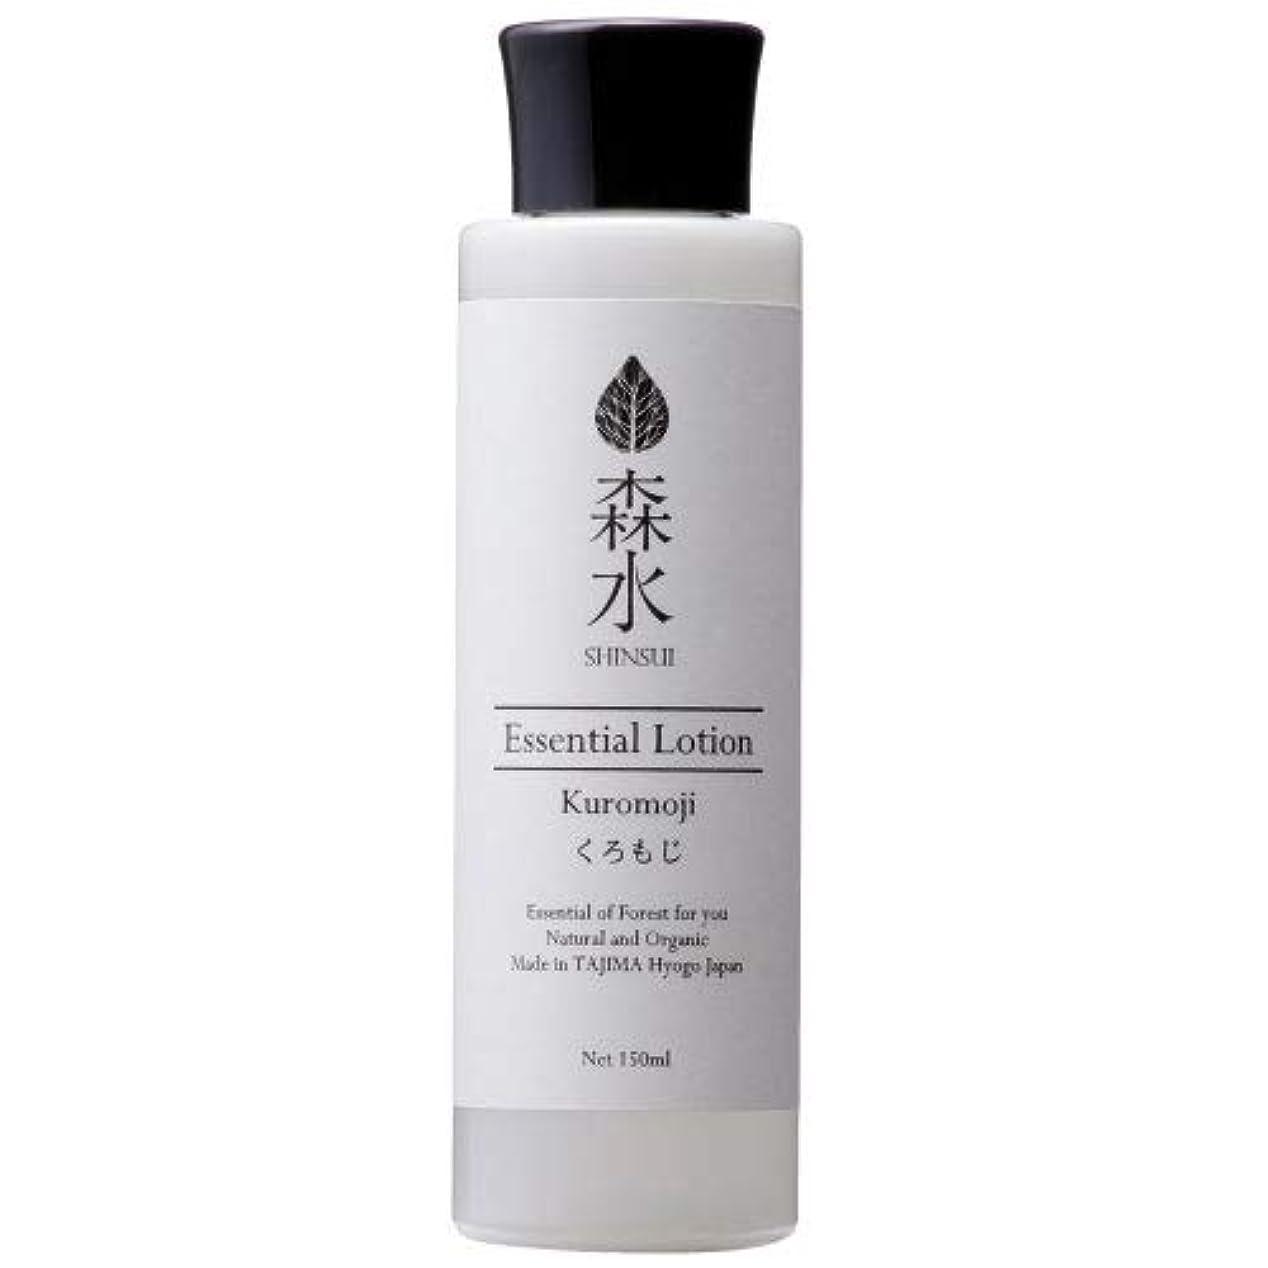 シーン課税社交的森水-SHINSUI シンスイ-くろもじ化粧水(Kuromoji Essential Lotion)150ml